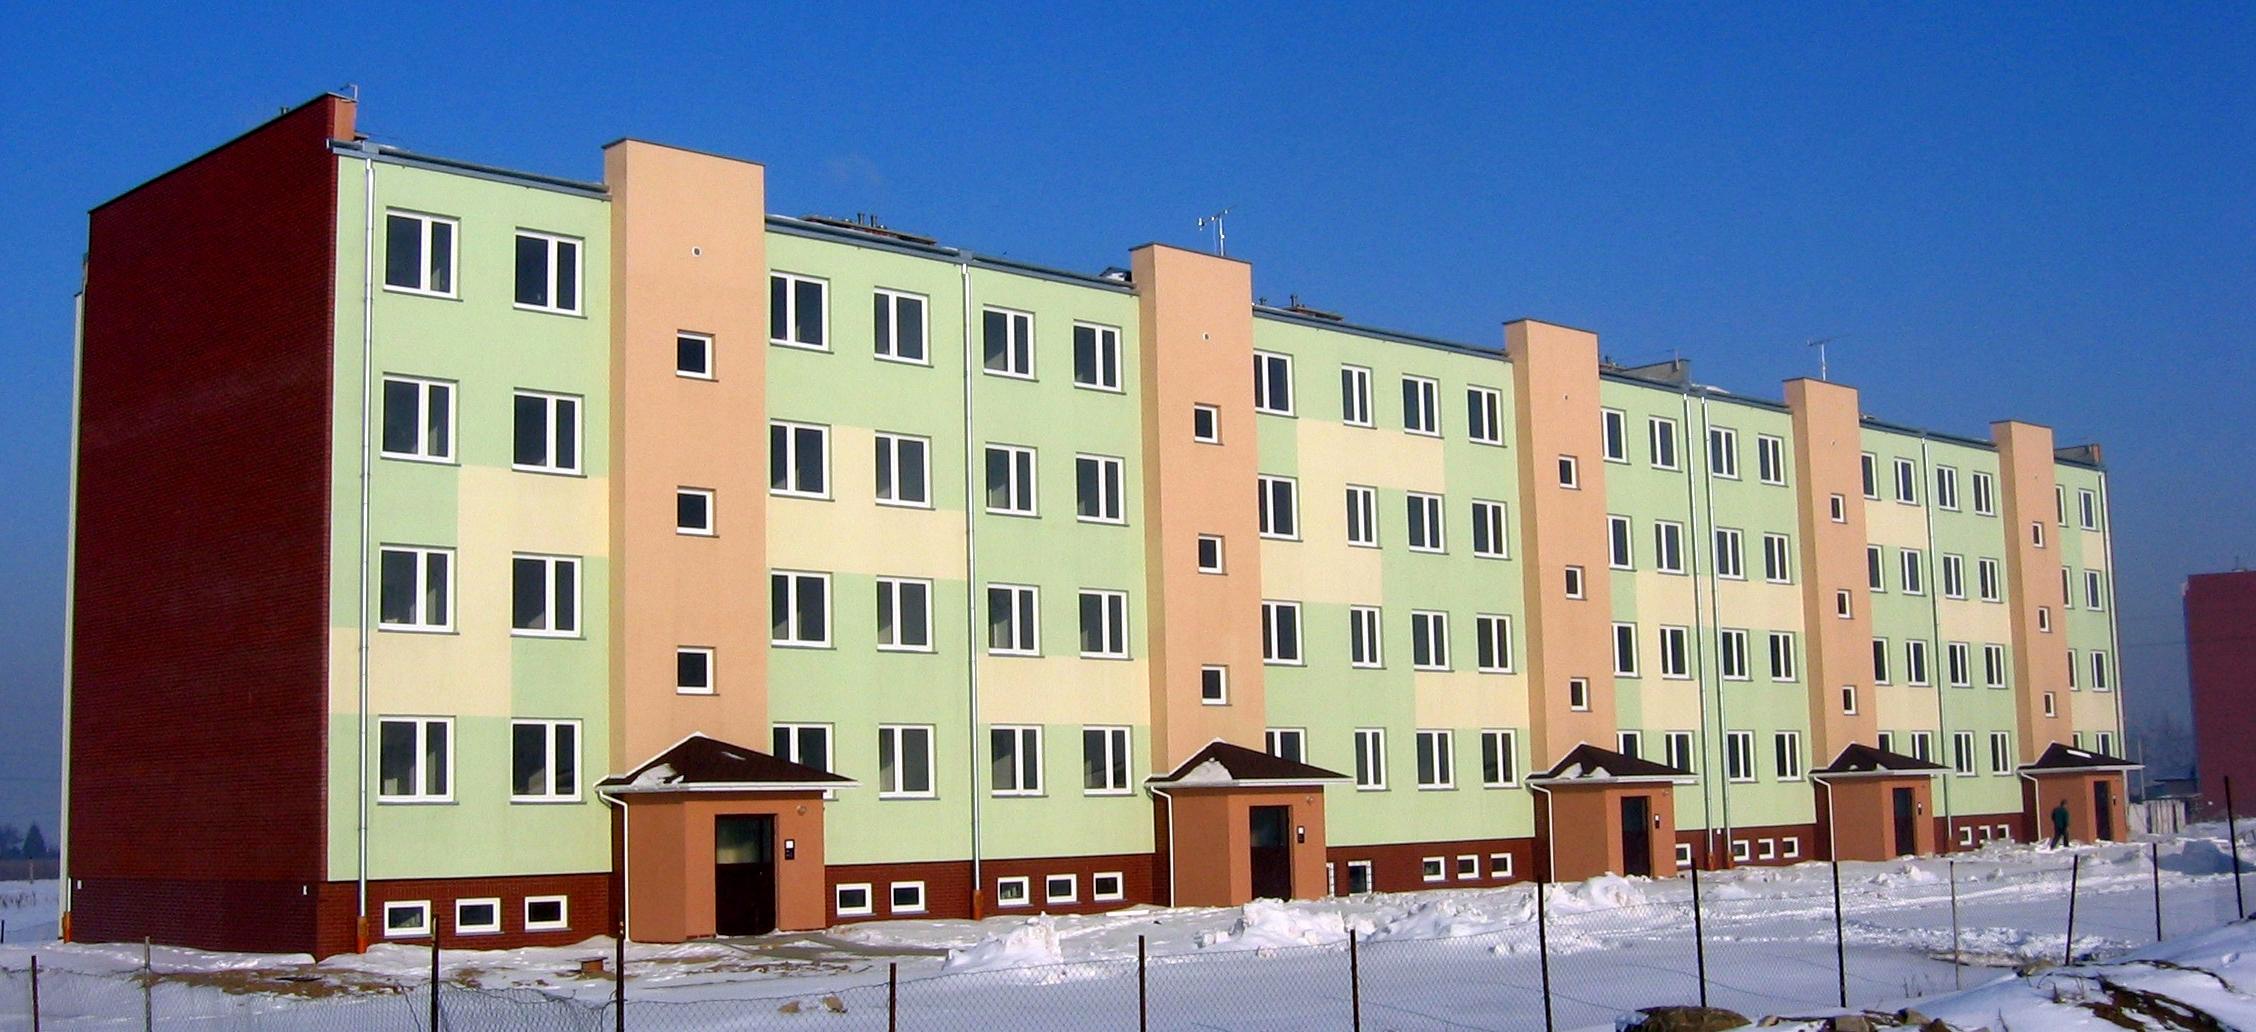 Zdjęcie główne #43 - Budownictwo mieszkalne